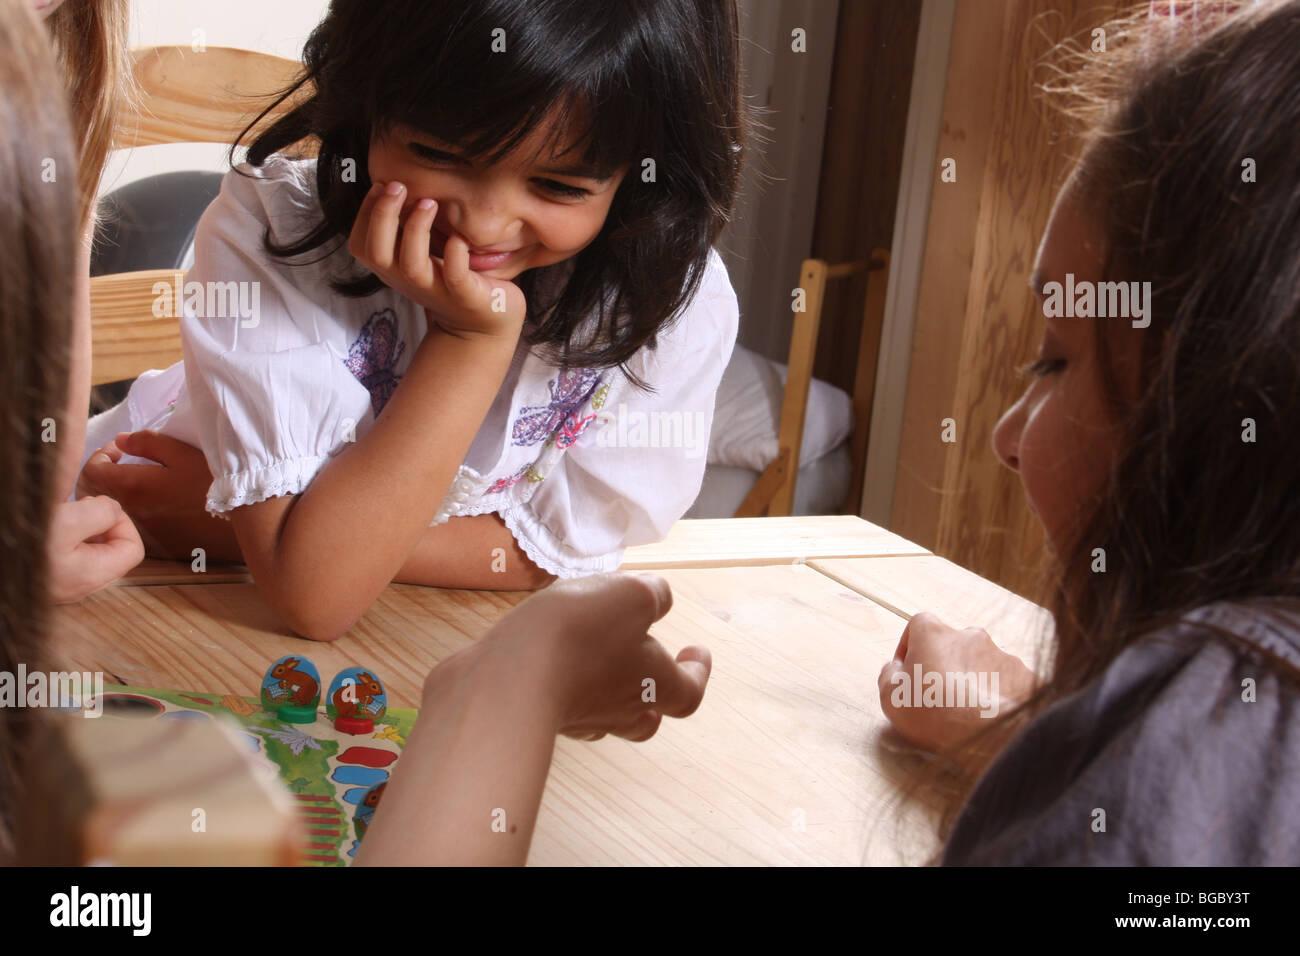 Les enfants jouer à un jeu. Banque D'Images